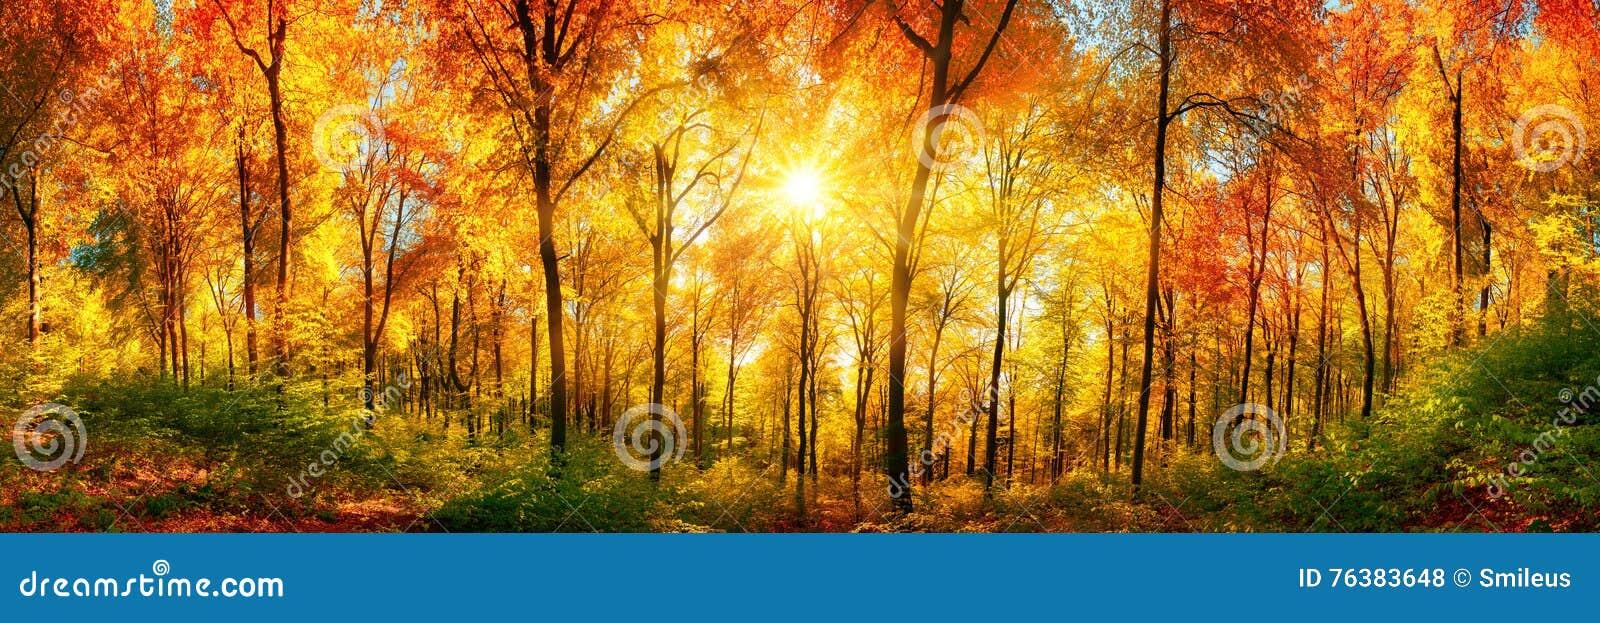 Panorama da floresta no outono